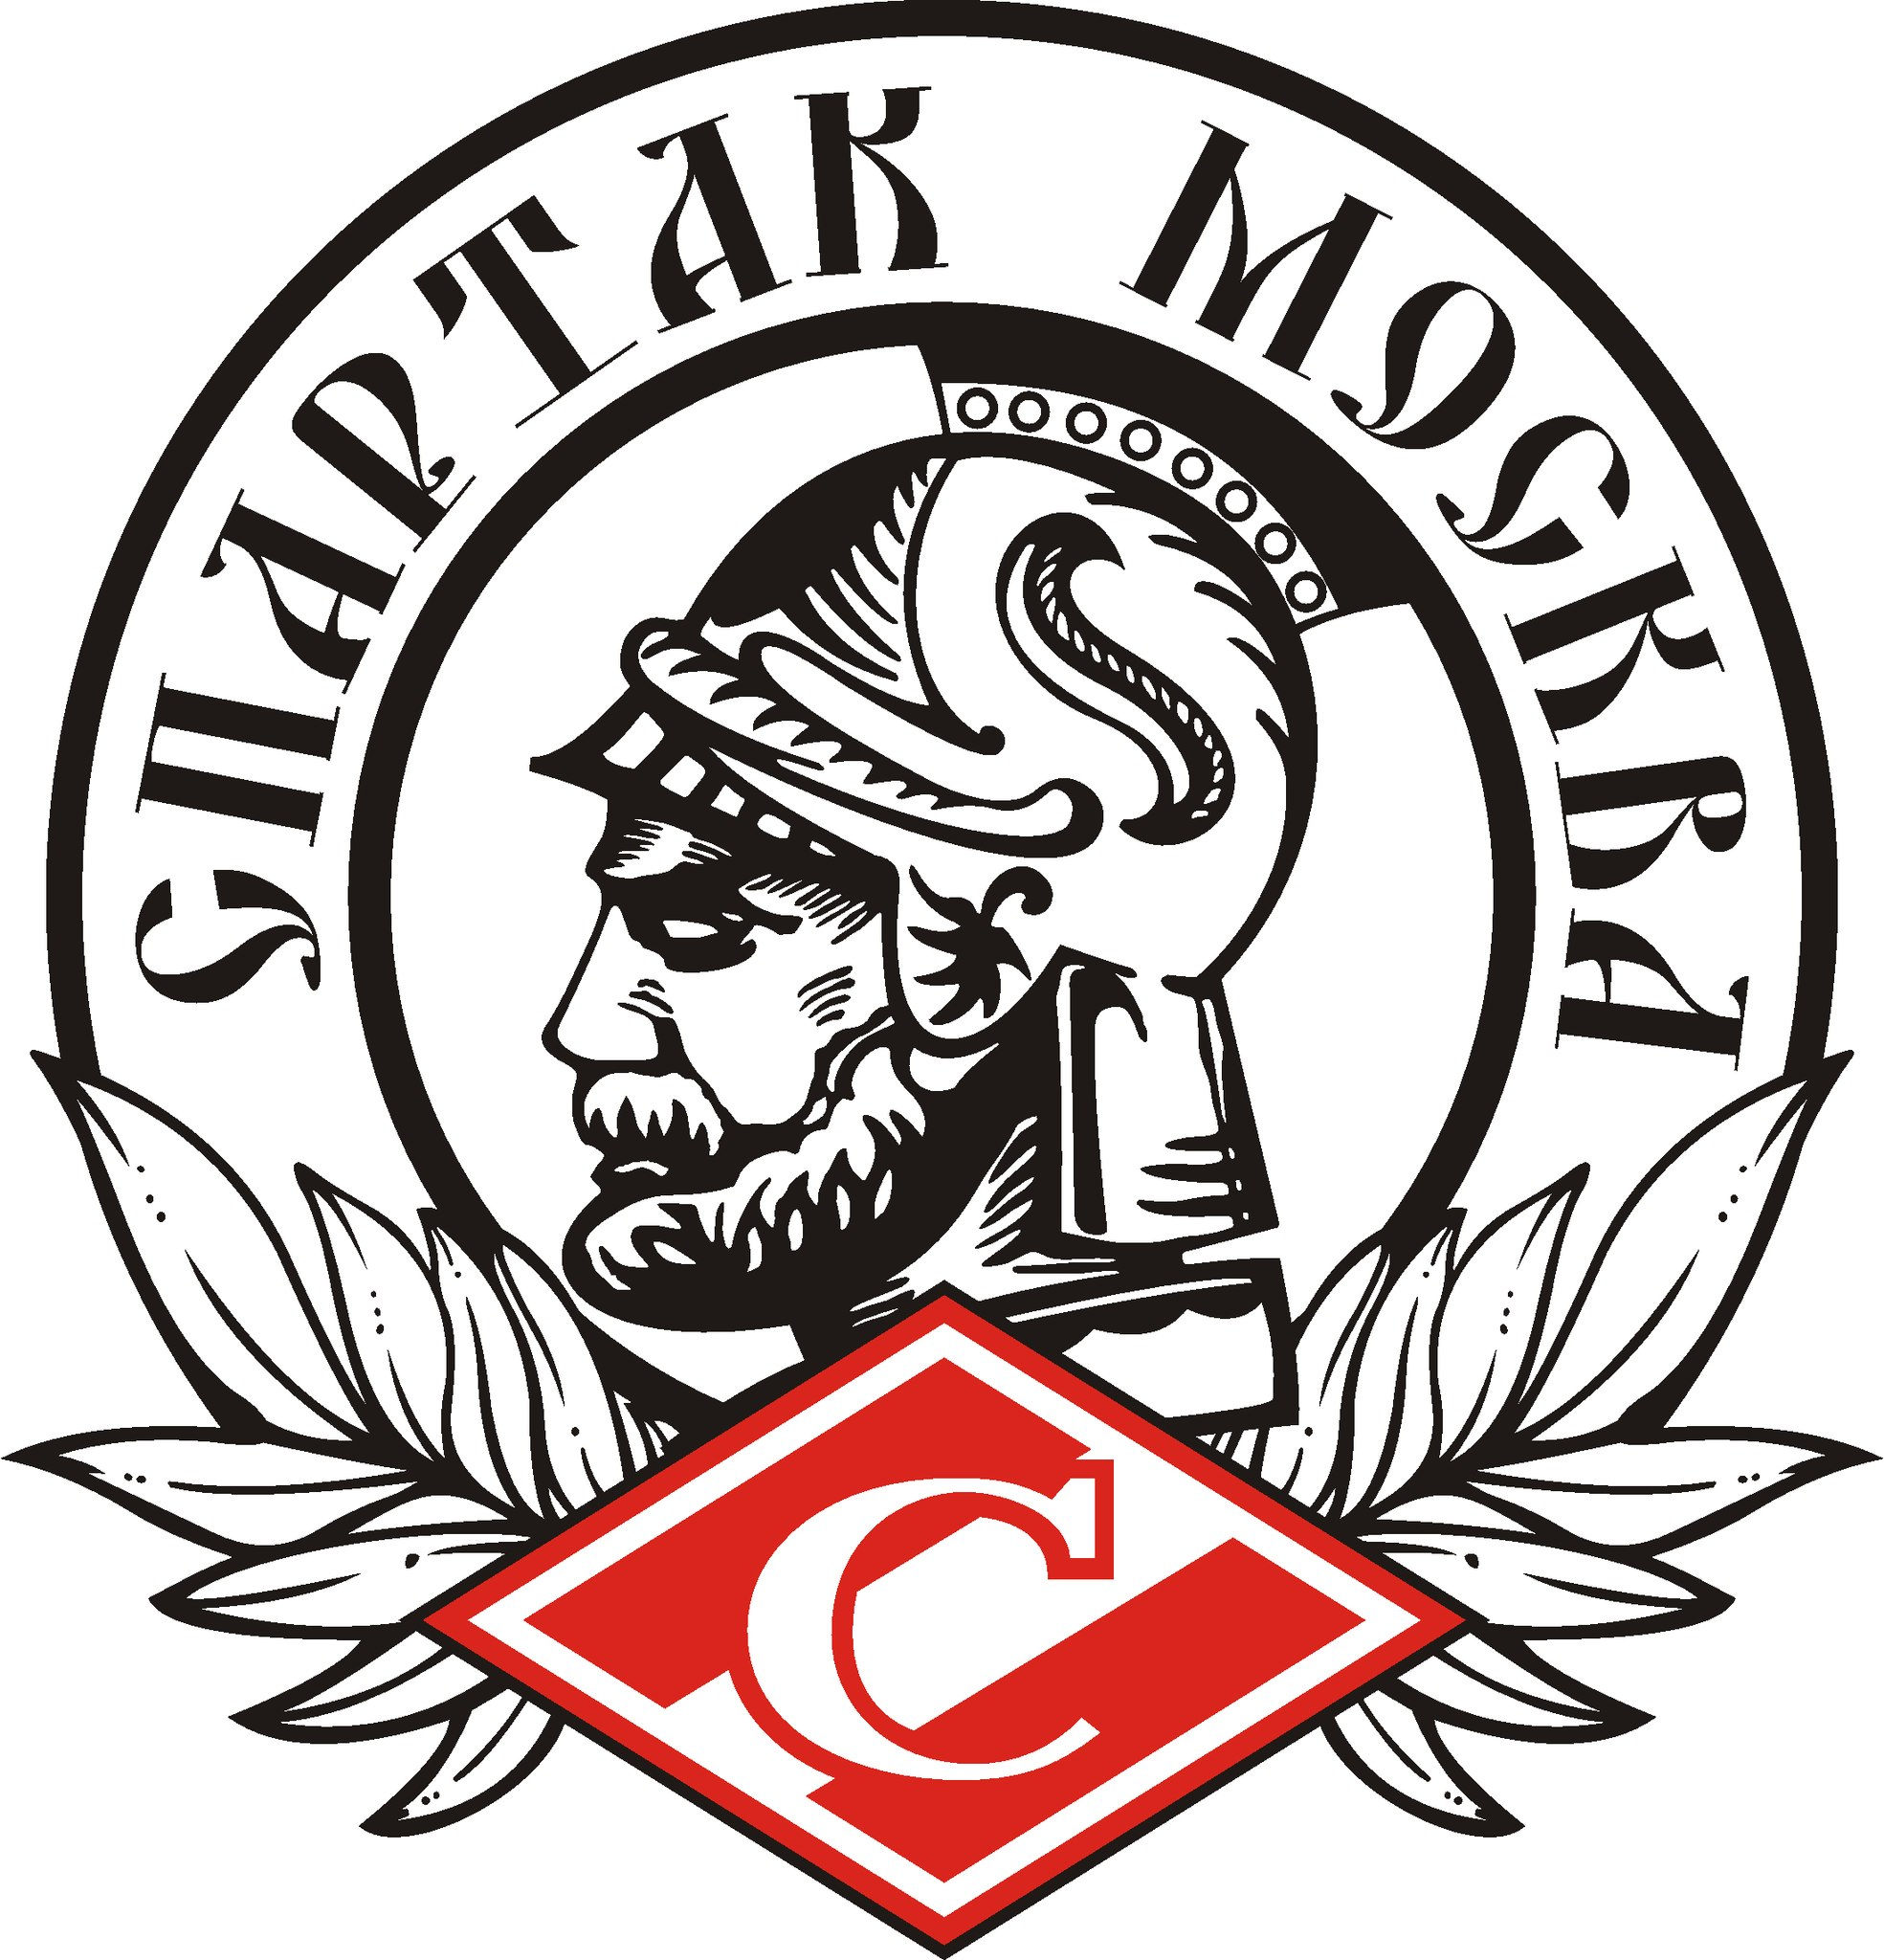 фото спартак эмблемы